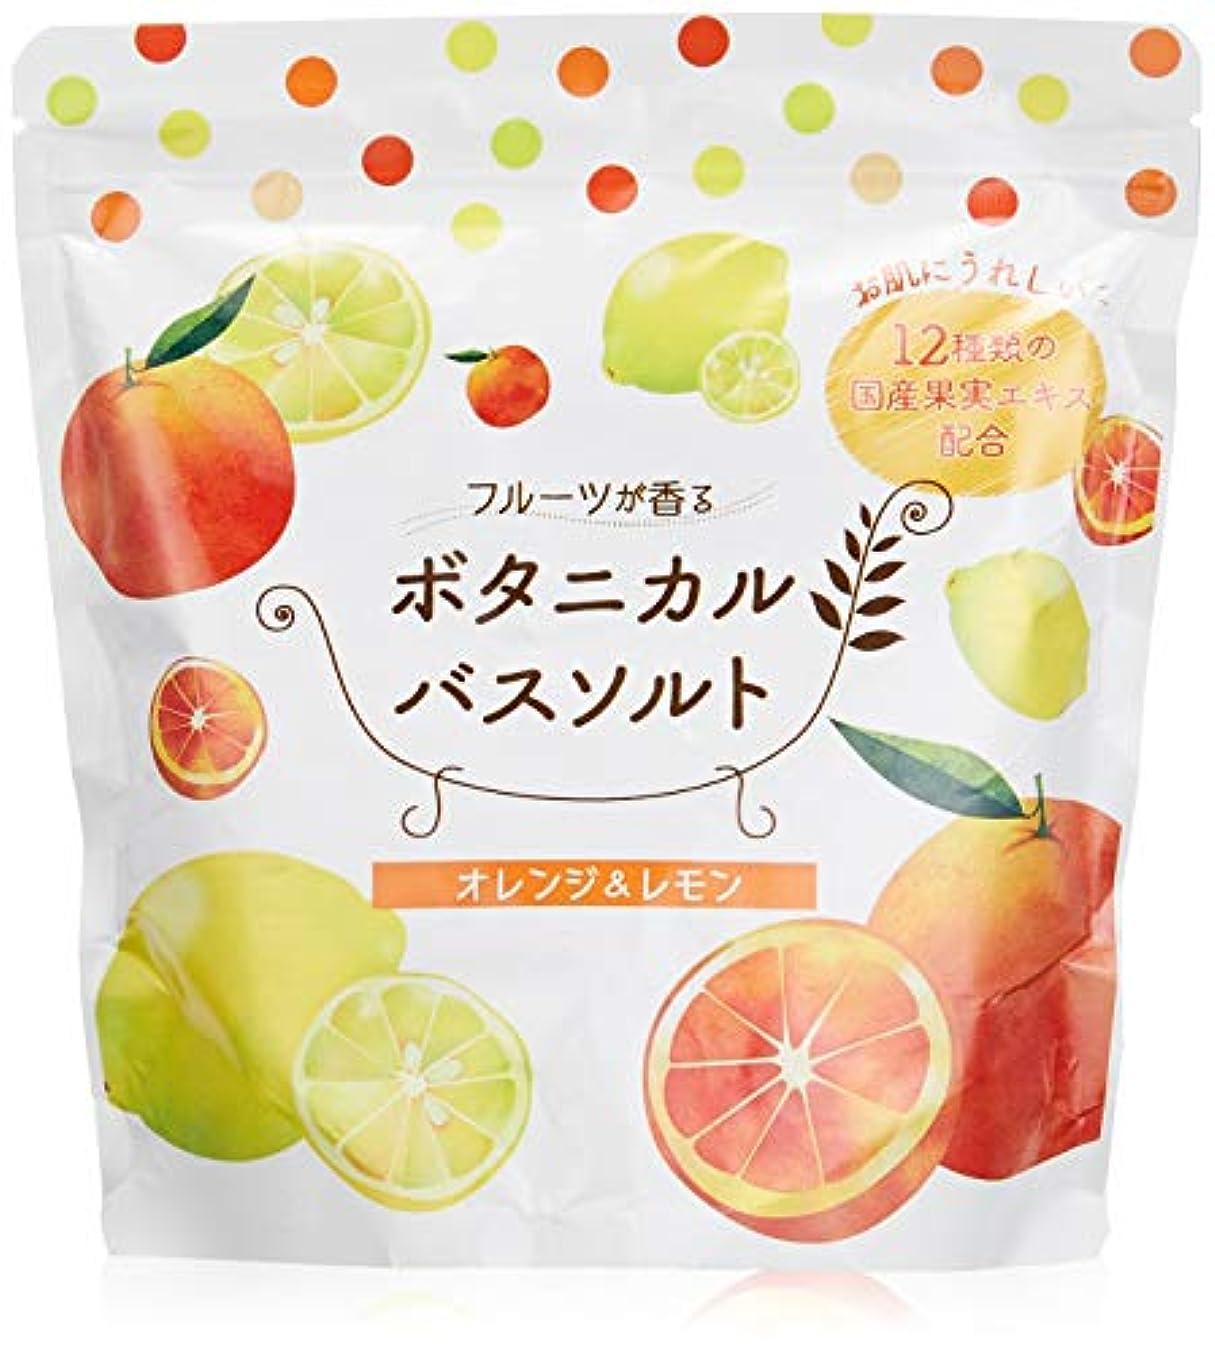 終点ピット回転松田医薬品 フルーツが香るボタニカルバスソルト 入浴剤 オレンジ レモン 450g